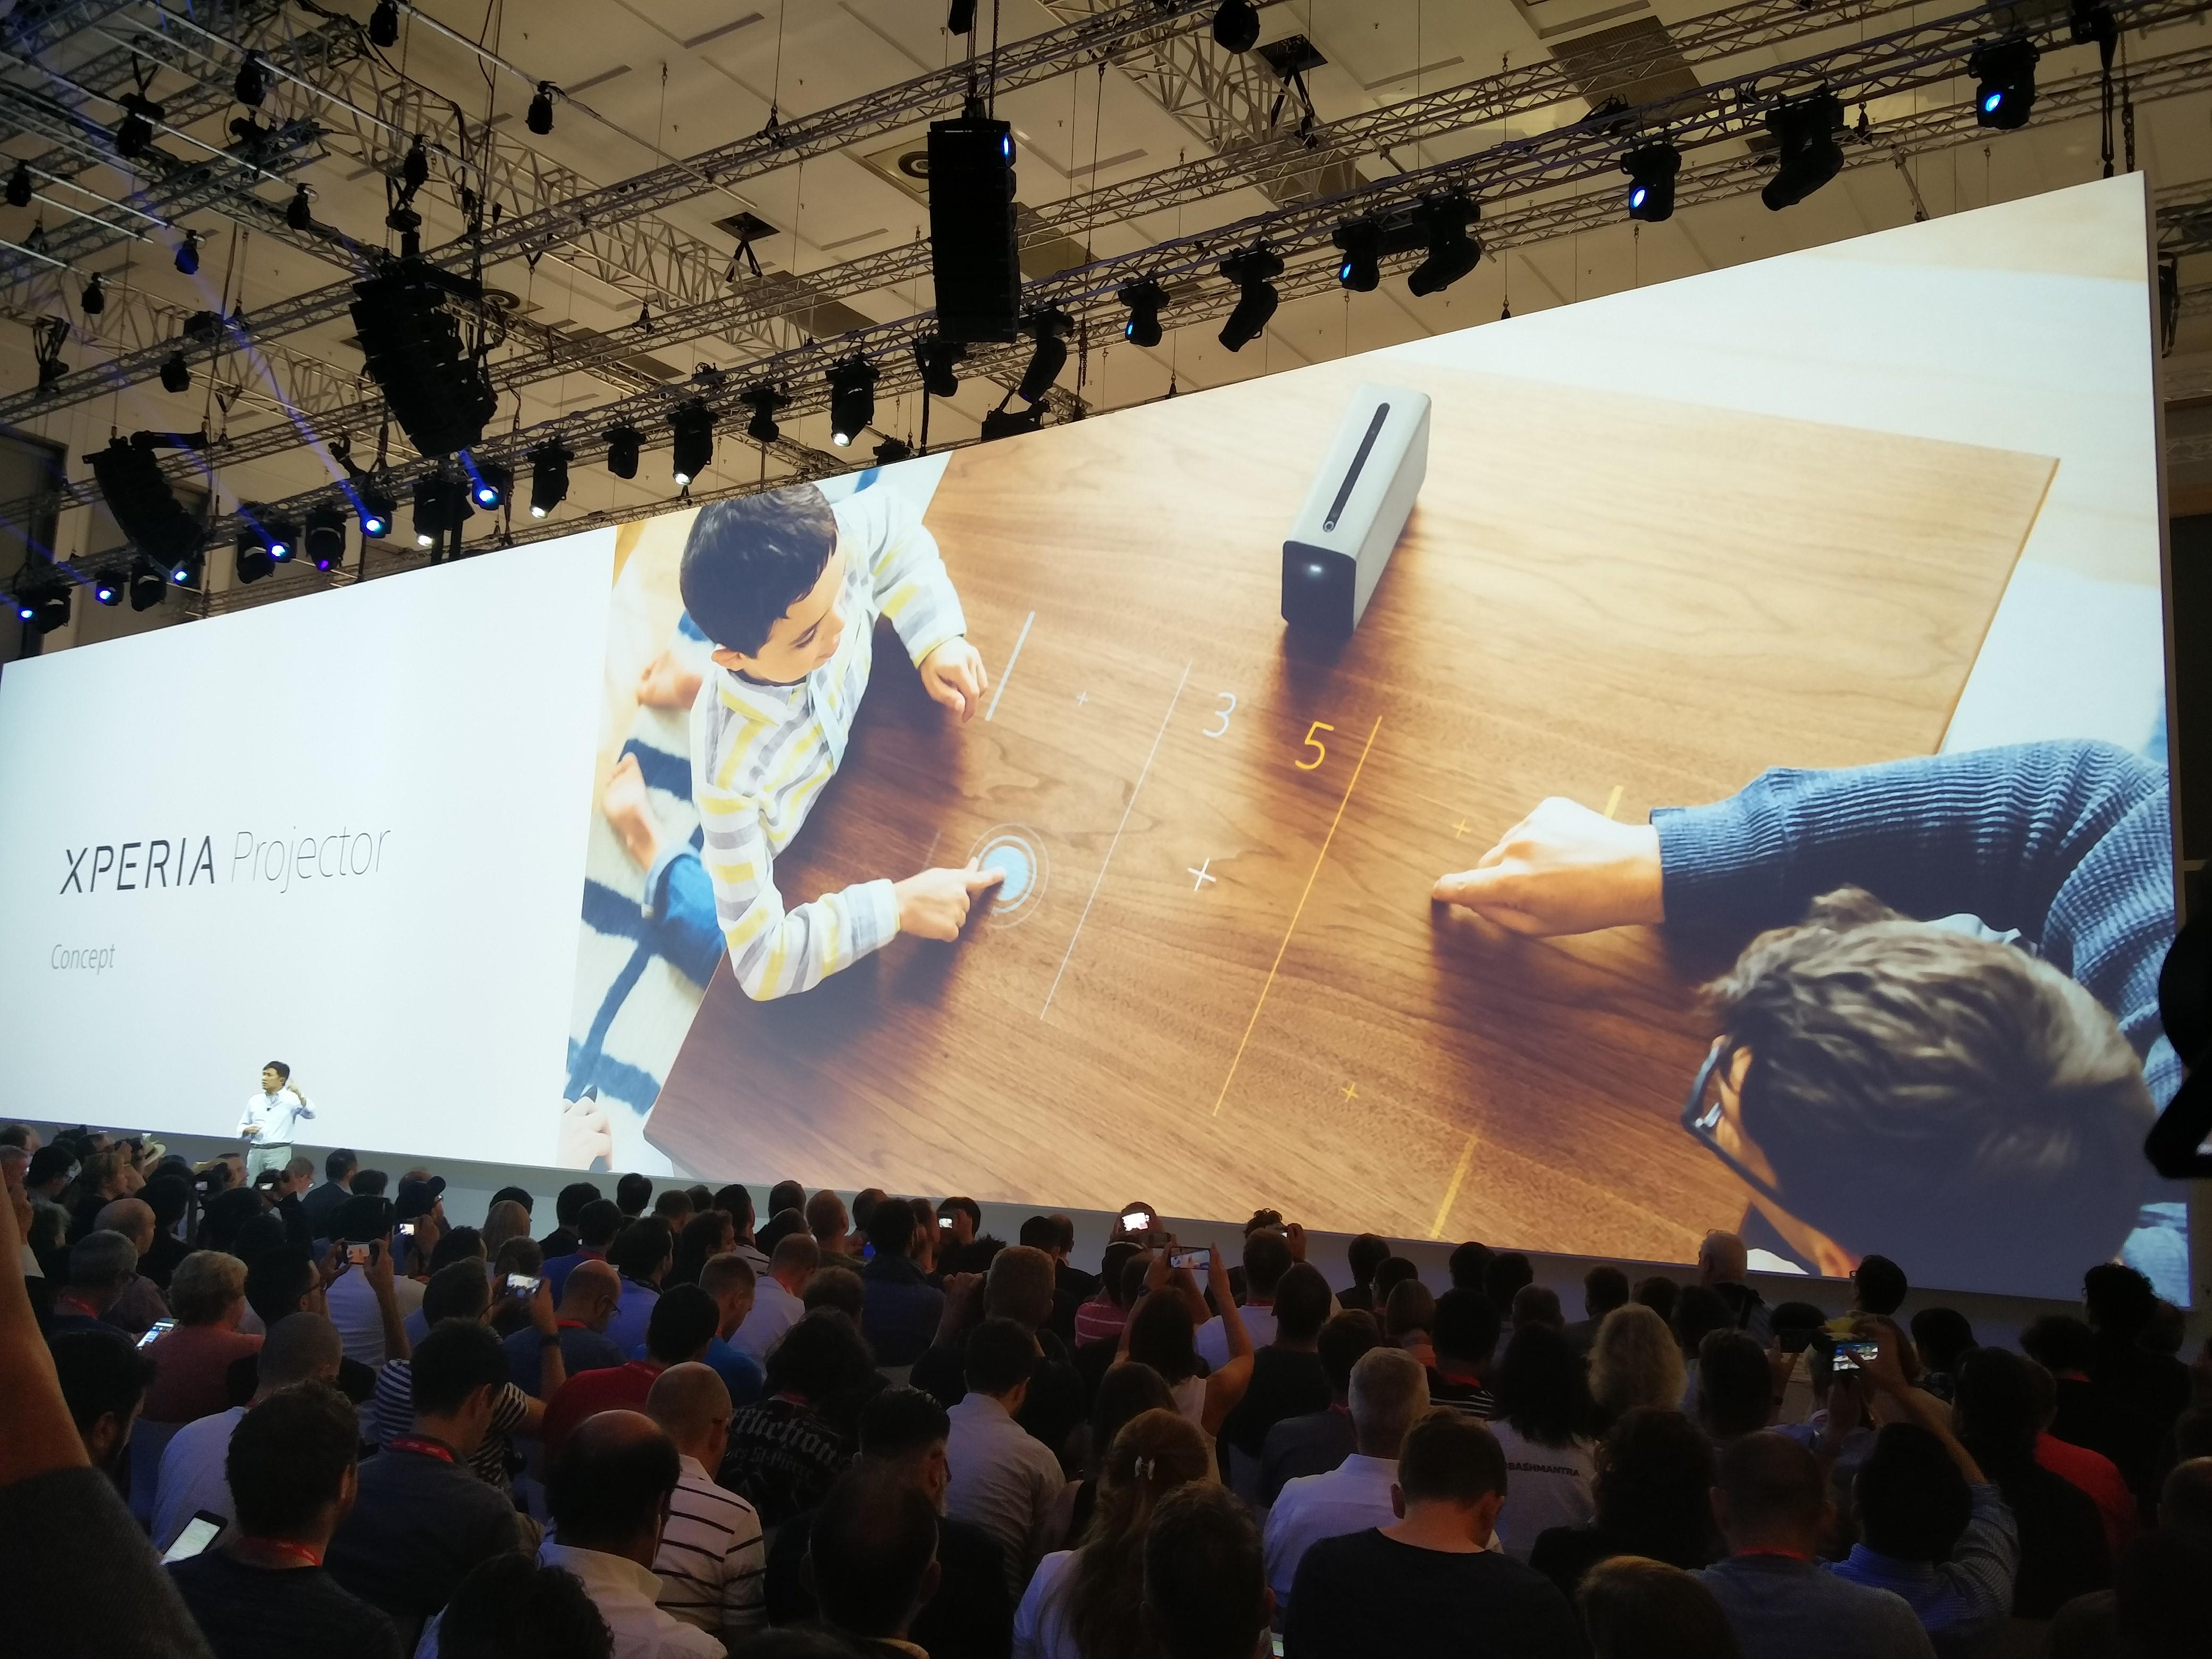 Ciekawy projektor Xperia projector pracująca na Androidzie